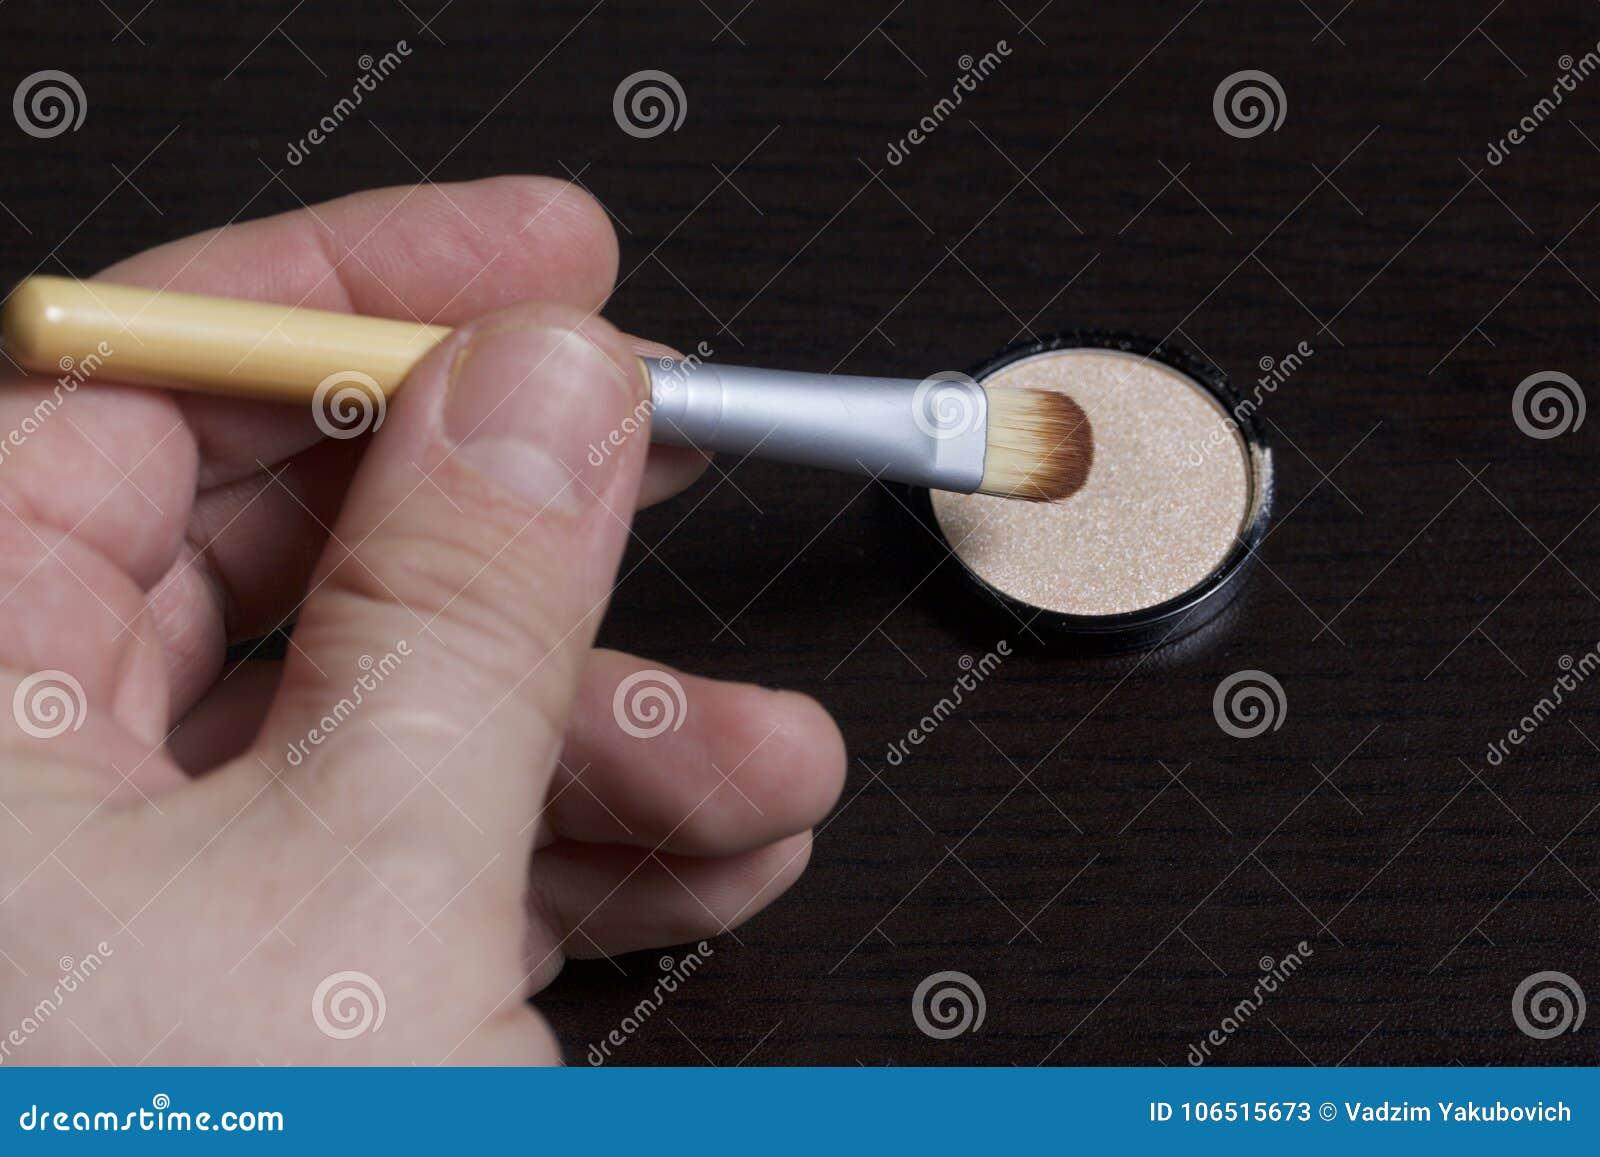 L homme tient une brosse pour appliquer des cosmétiques Il est abaissé par une astuce dans un récipient rond avec une barre de mi